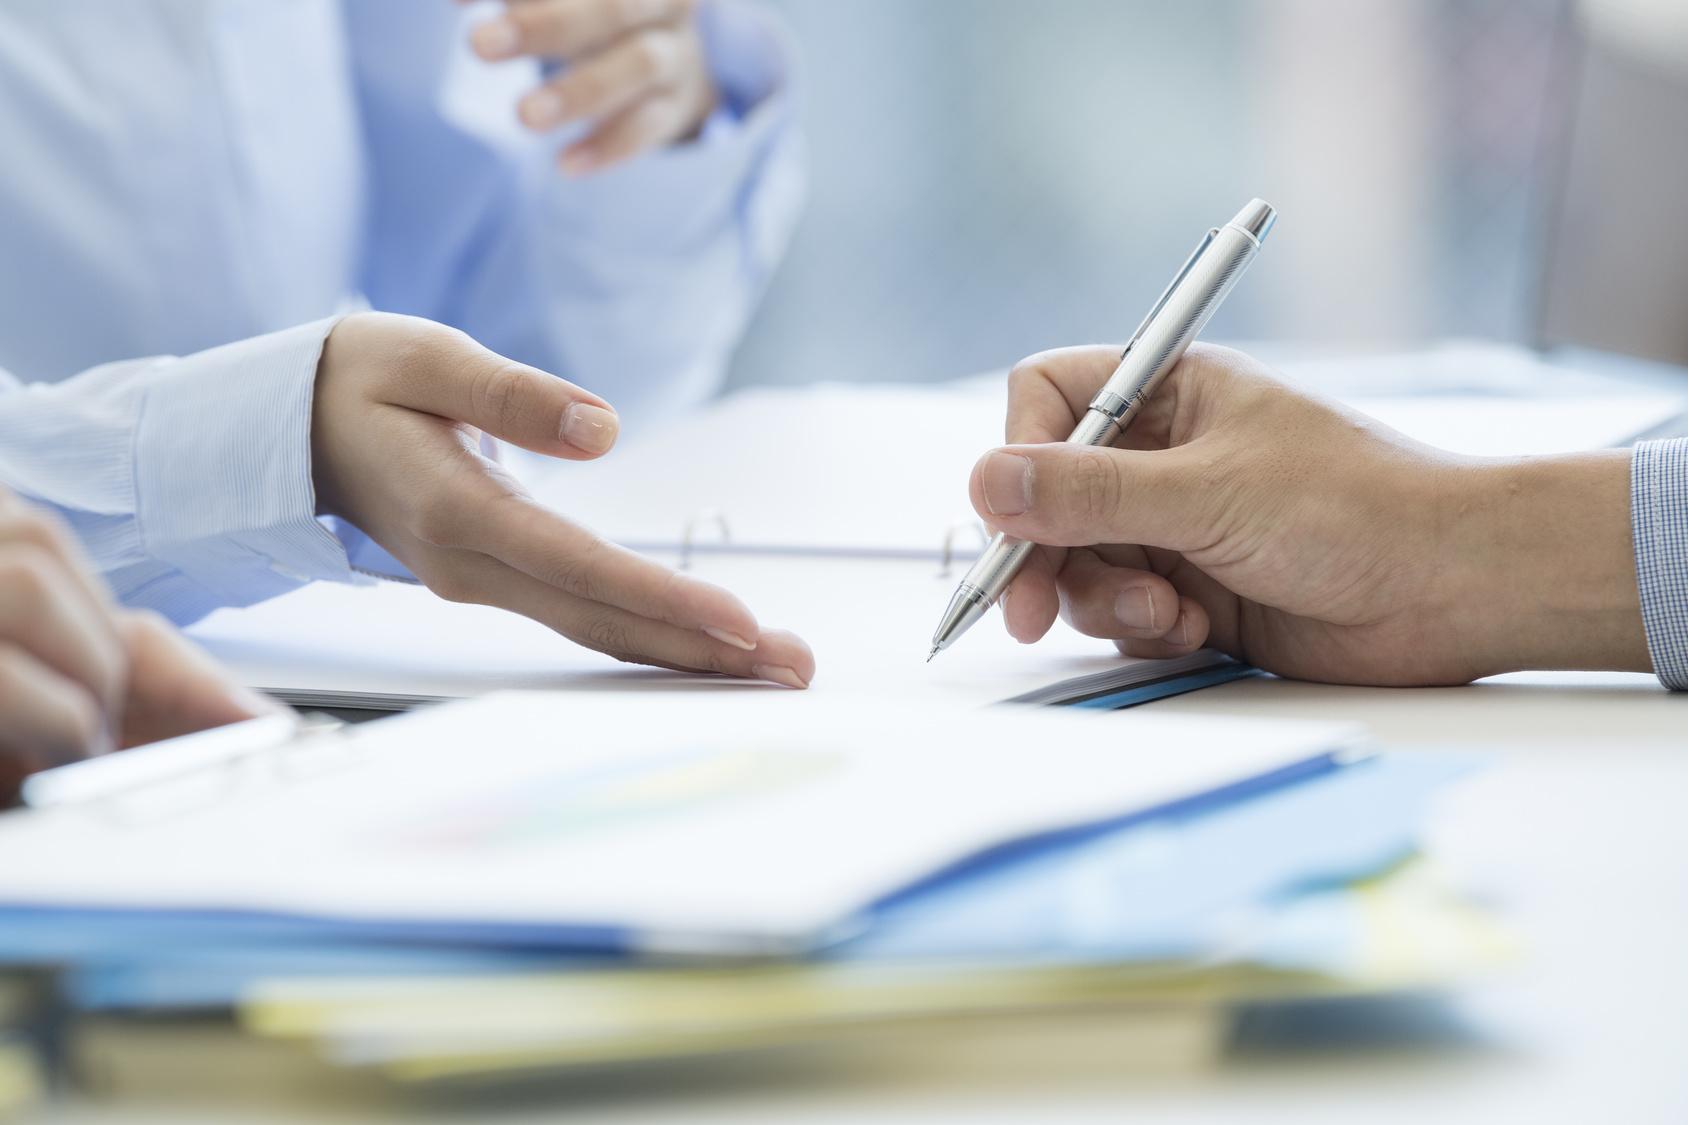 事業戦略のプロが語る企業選びの軸:イメージ画像